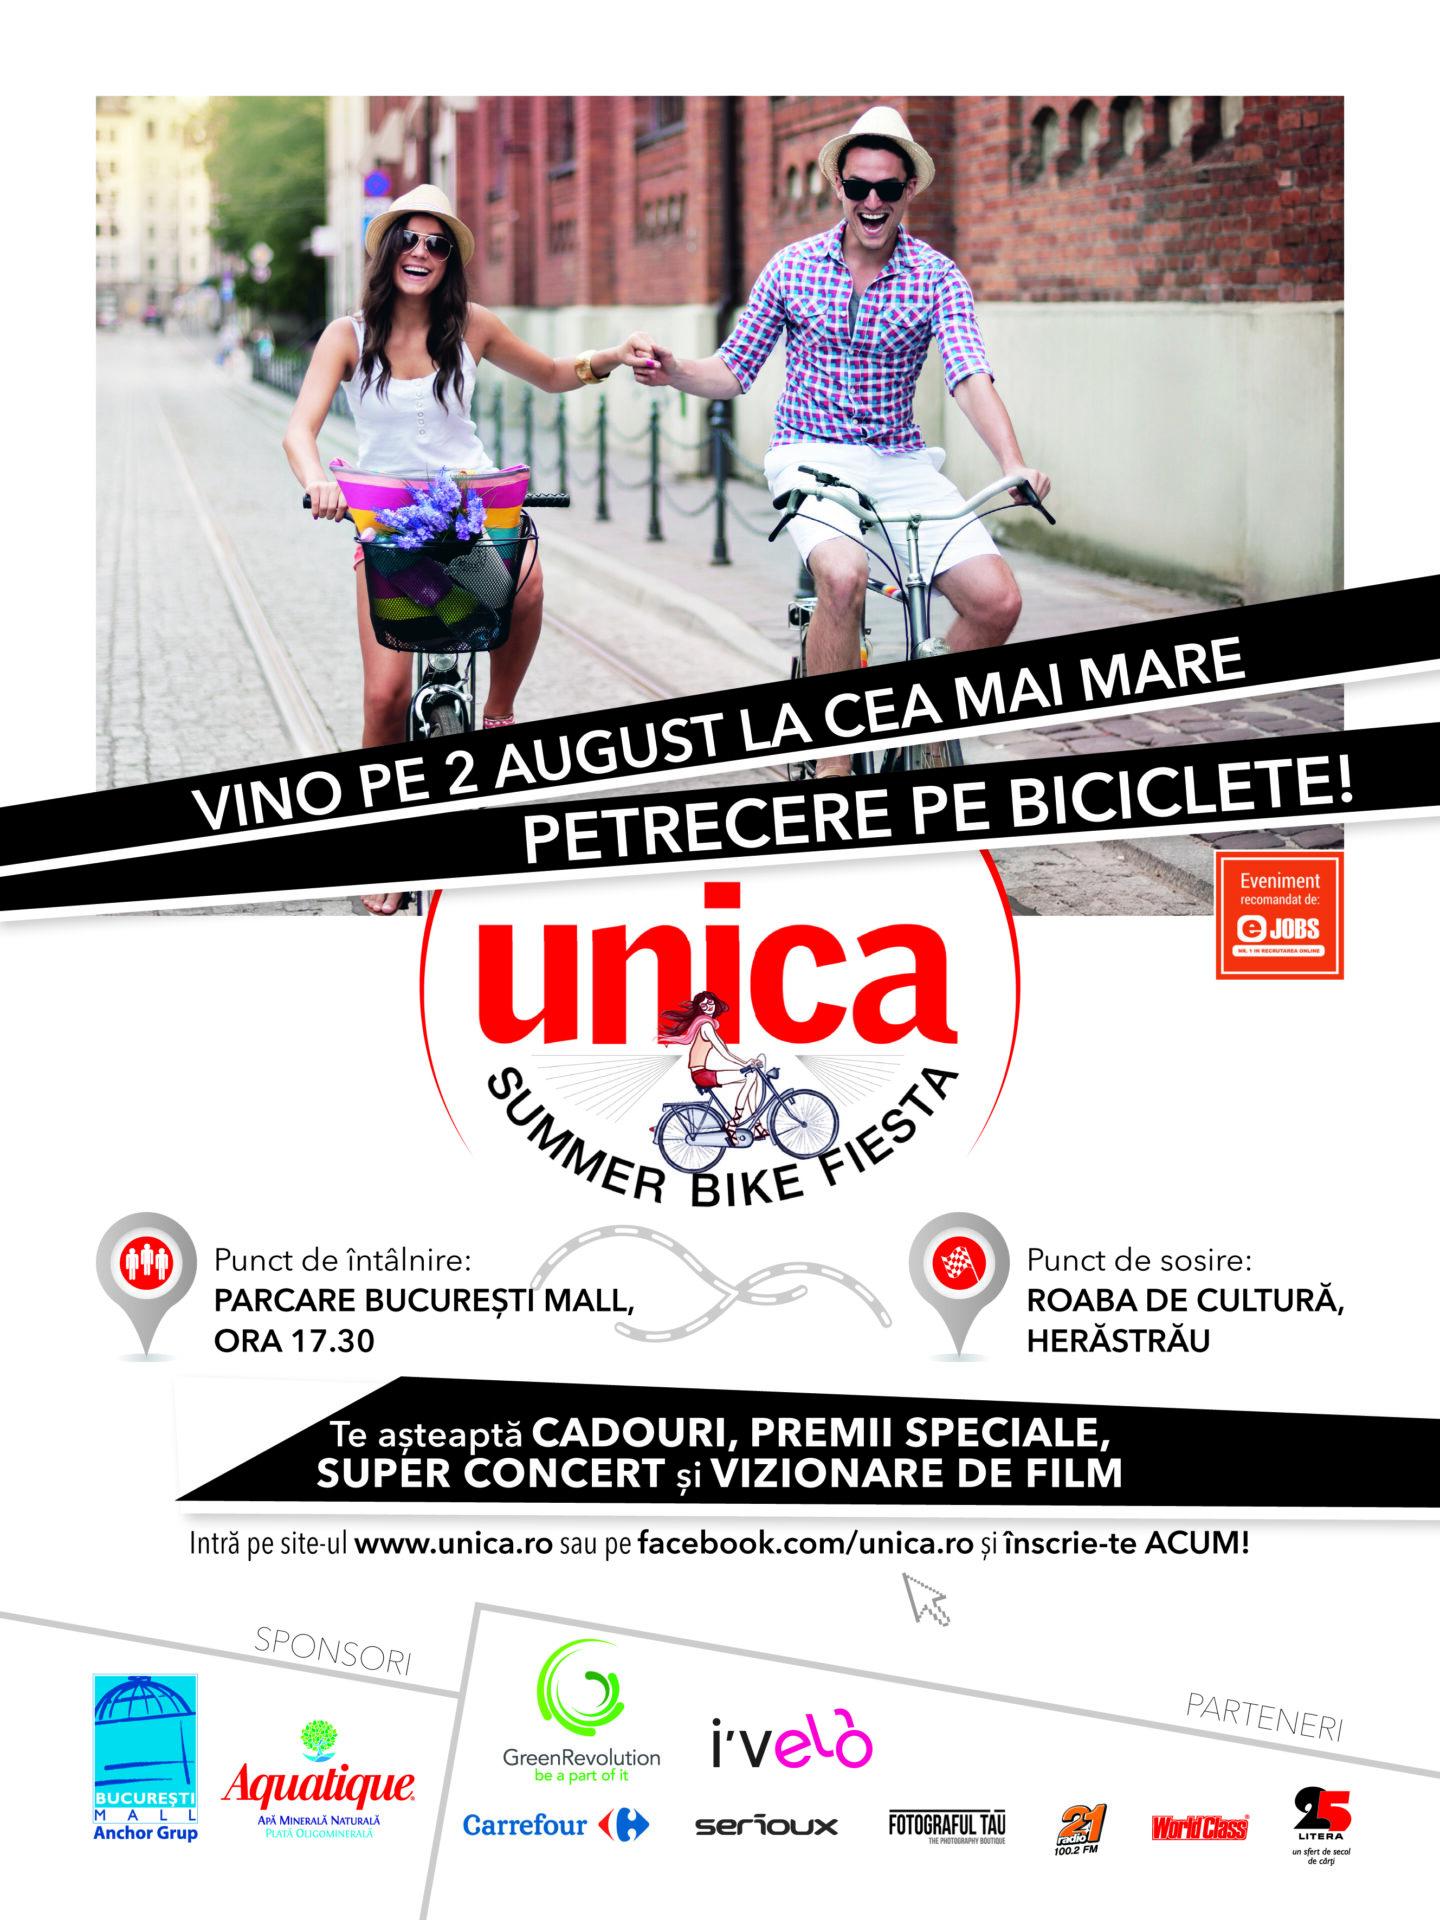 Summer Bike Fiesta, cea mai mare petrecere pe biciclete din Romania, ia startul si anul acesta, pe 2 august